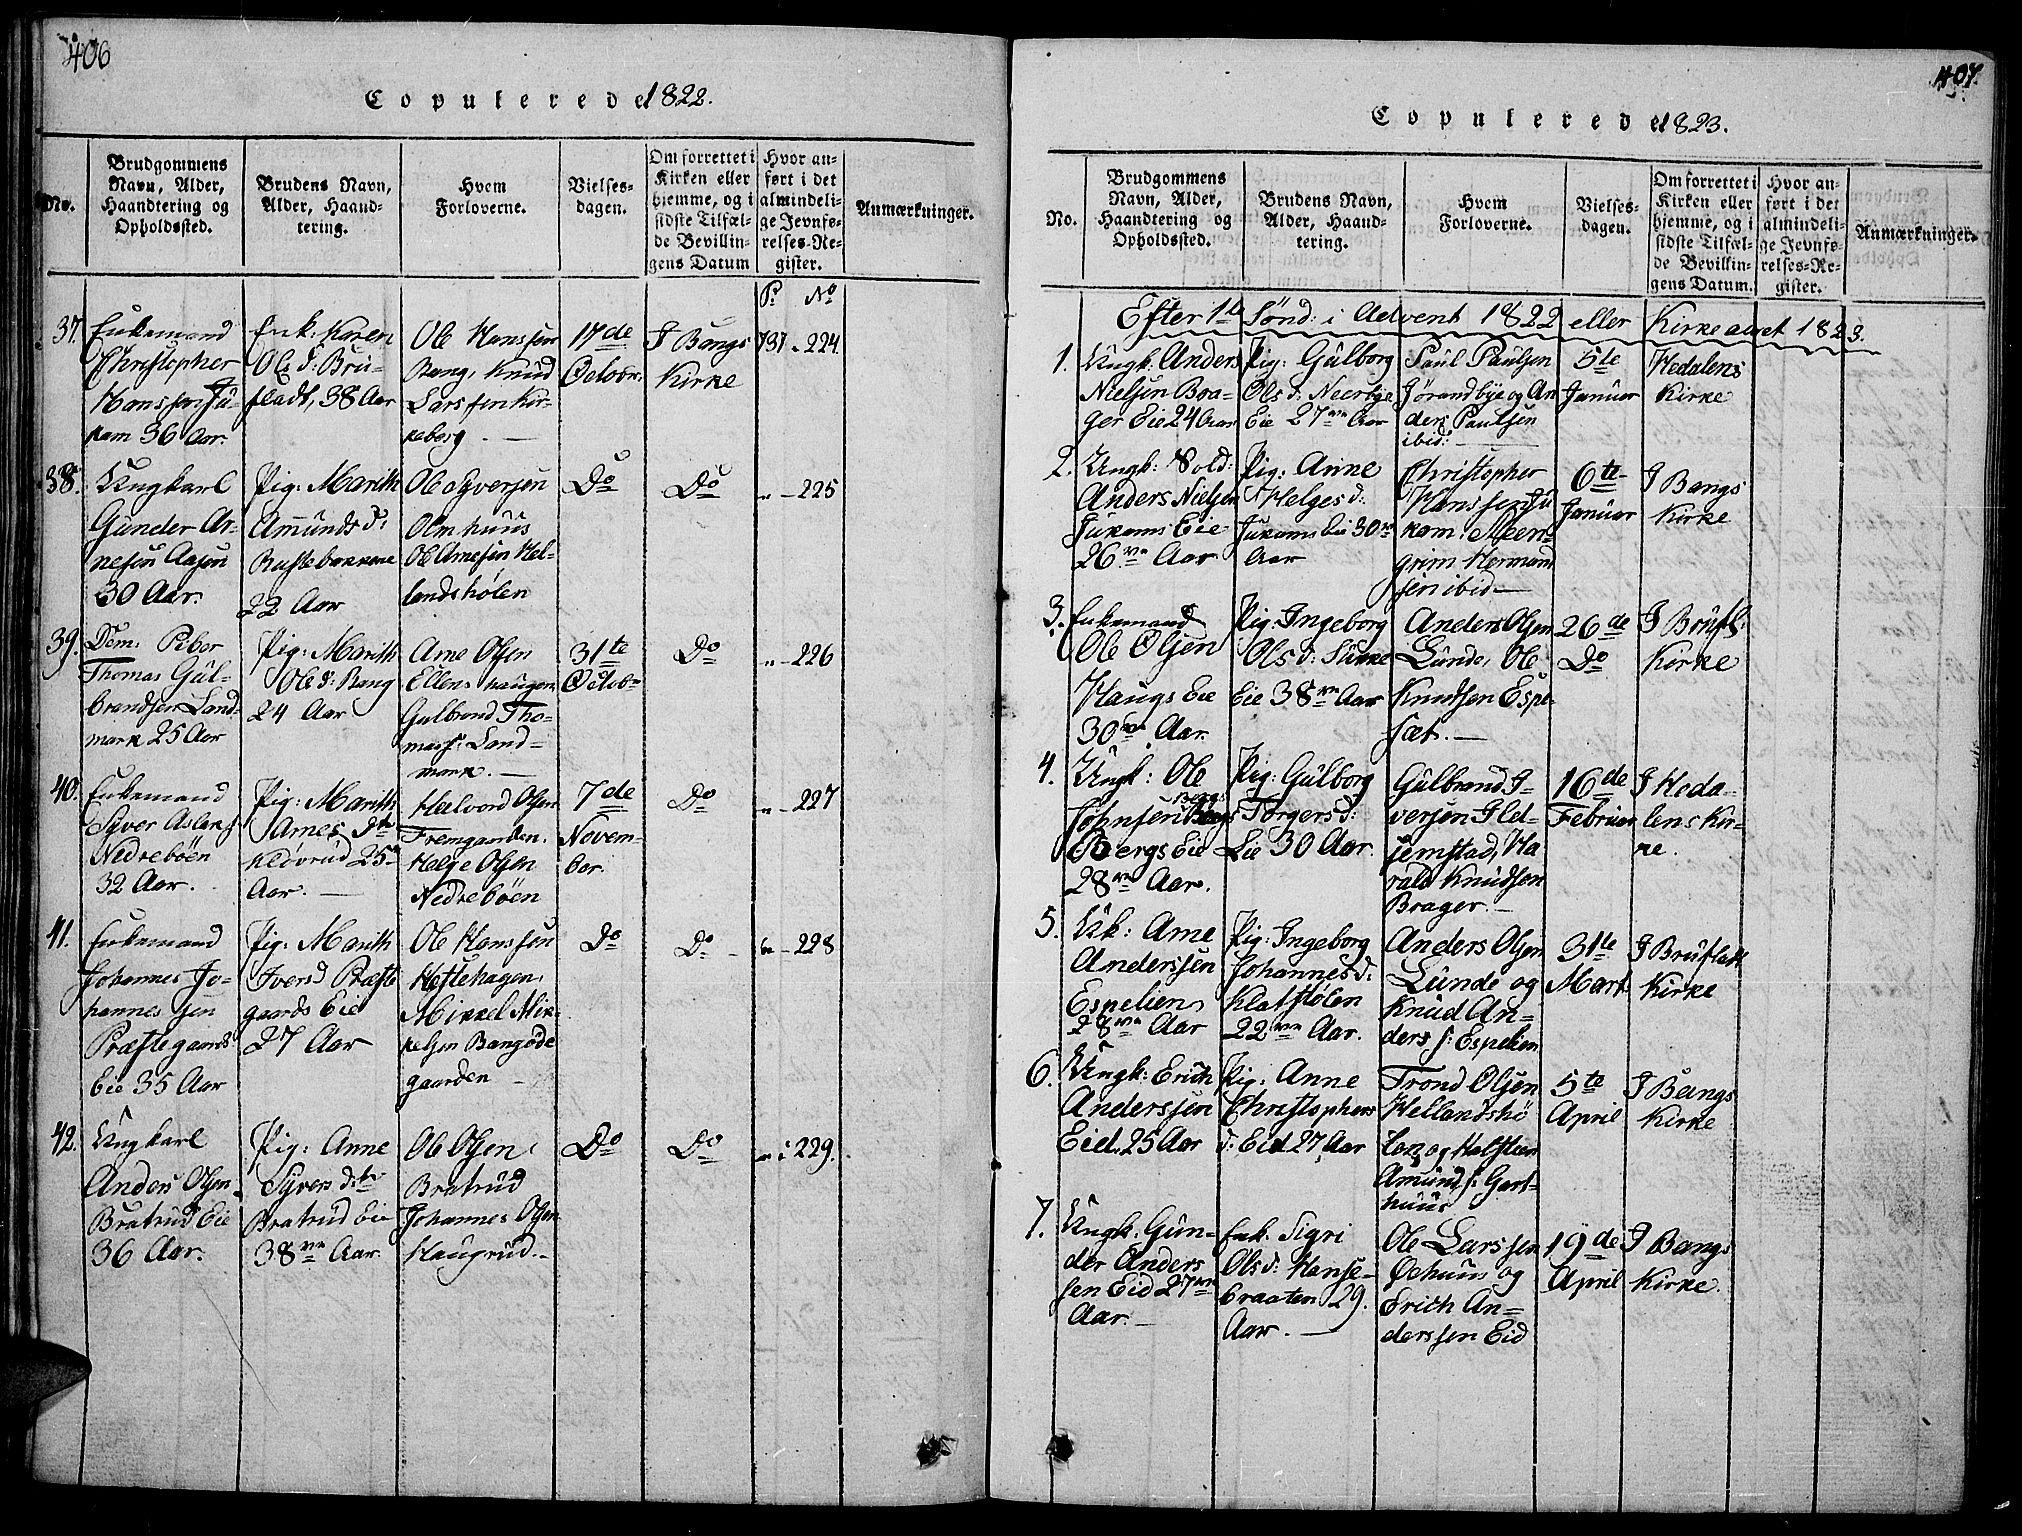 SAH, Sør-Aurdal prestekontor, Klokkerbok nr. 1, 1815-1826, s. 406-407